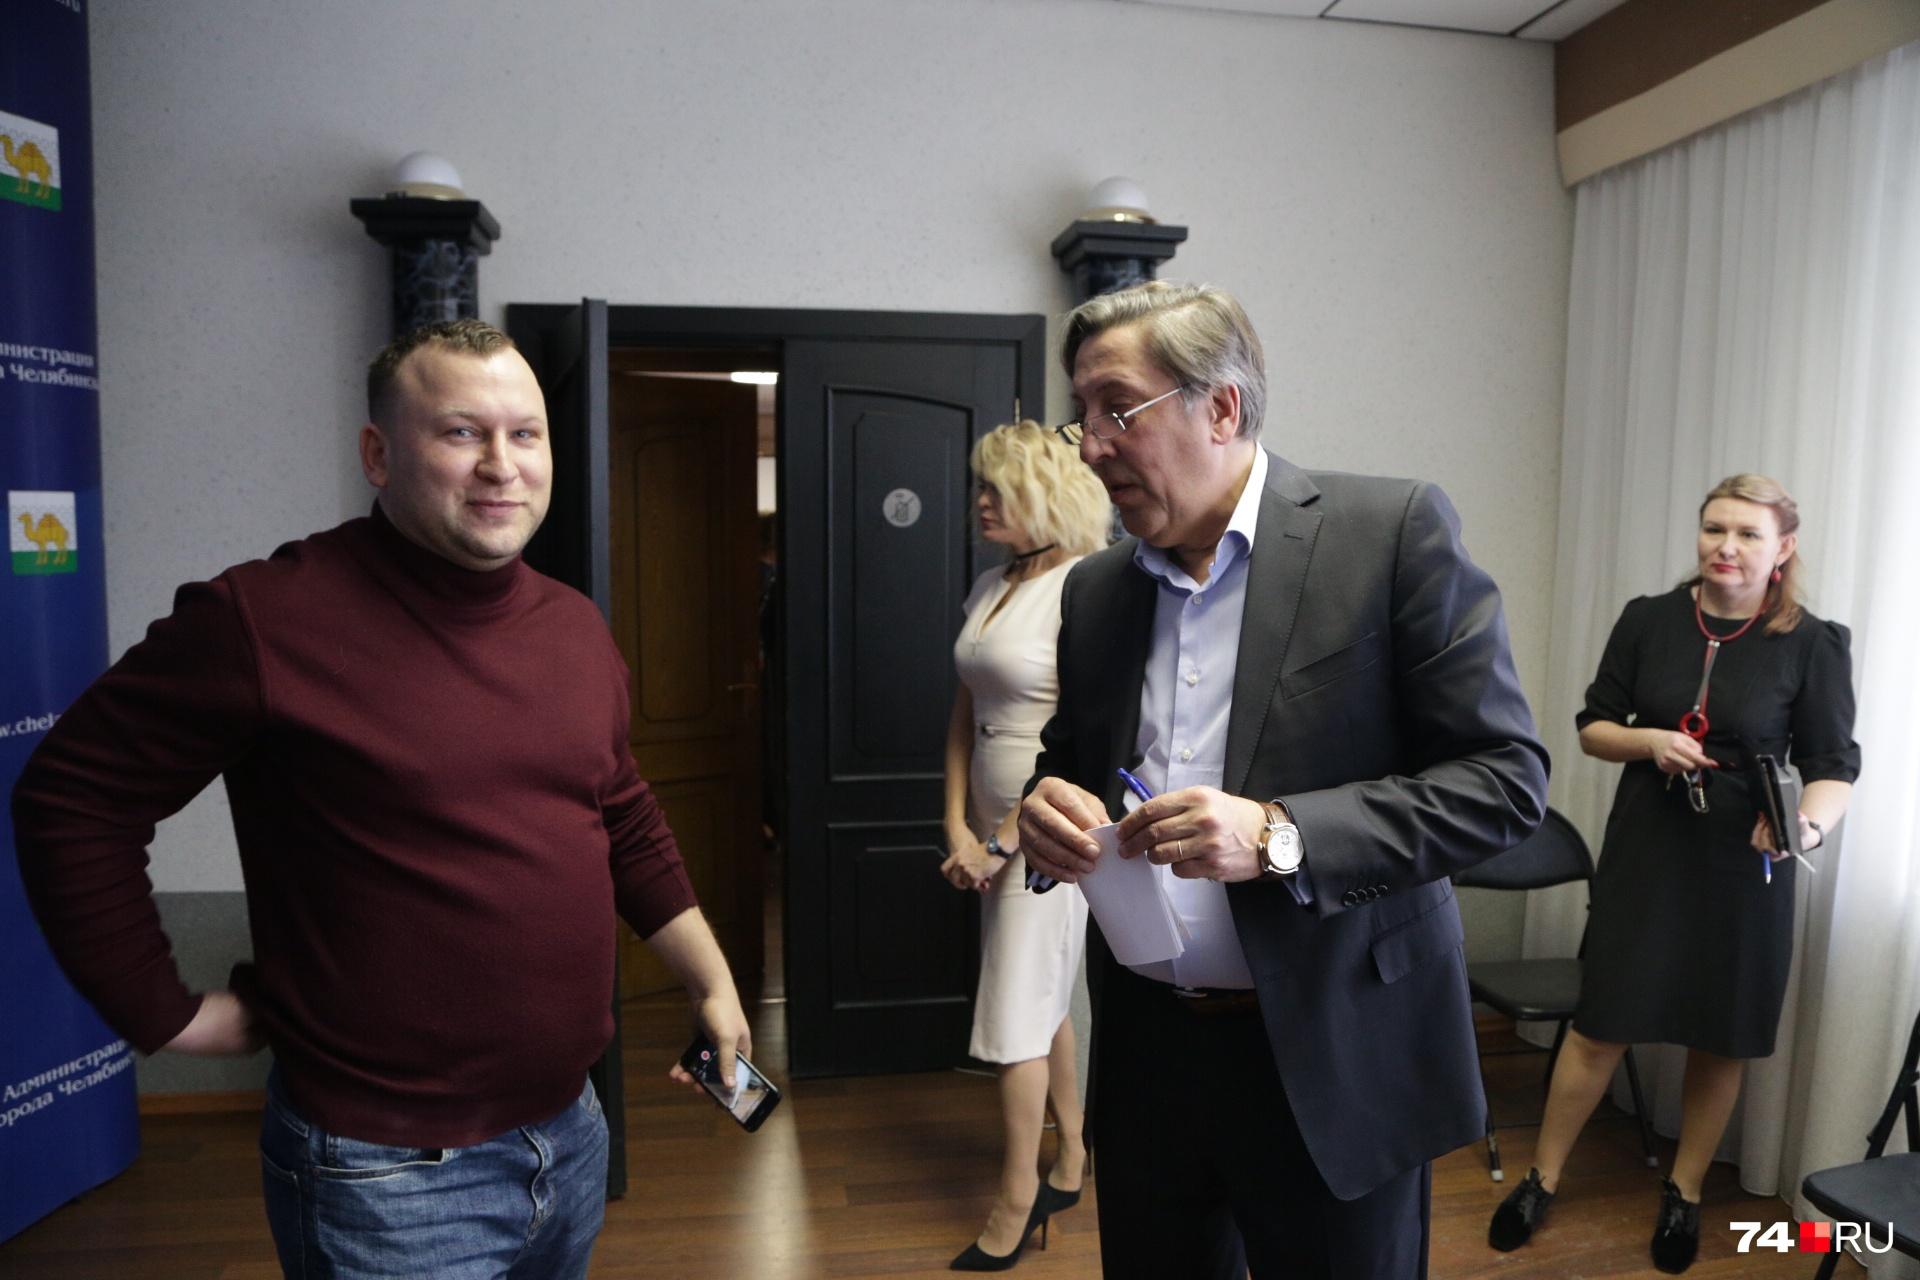 У Александра Лебедева (слева) вопросы к членам комиссии не заканчиваются. Отвечать пришлось Владимиру Бодрову (справа)